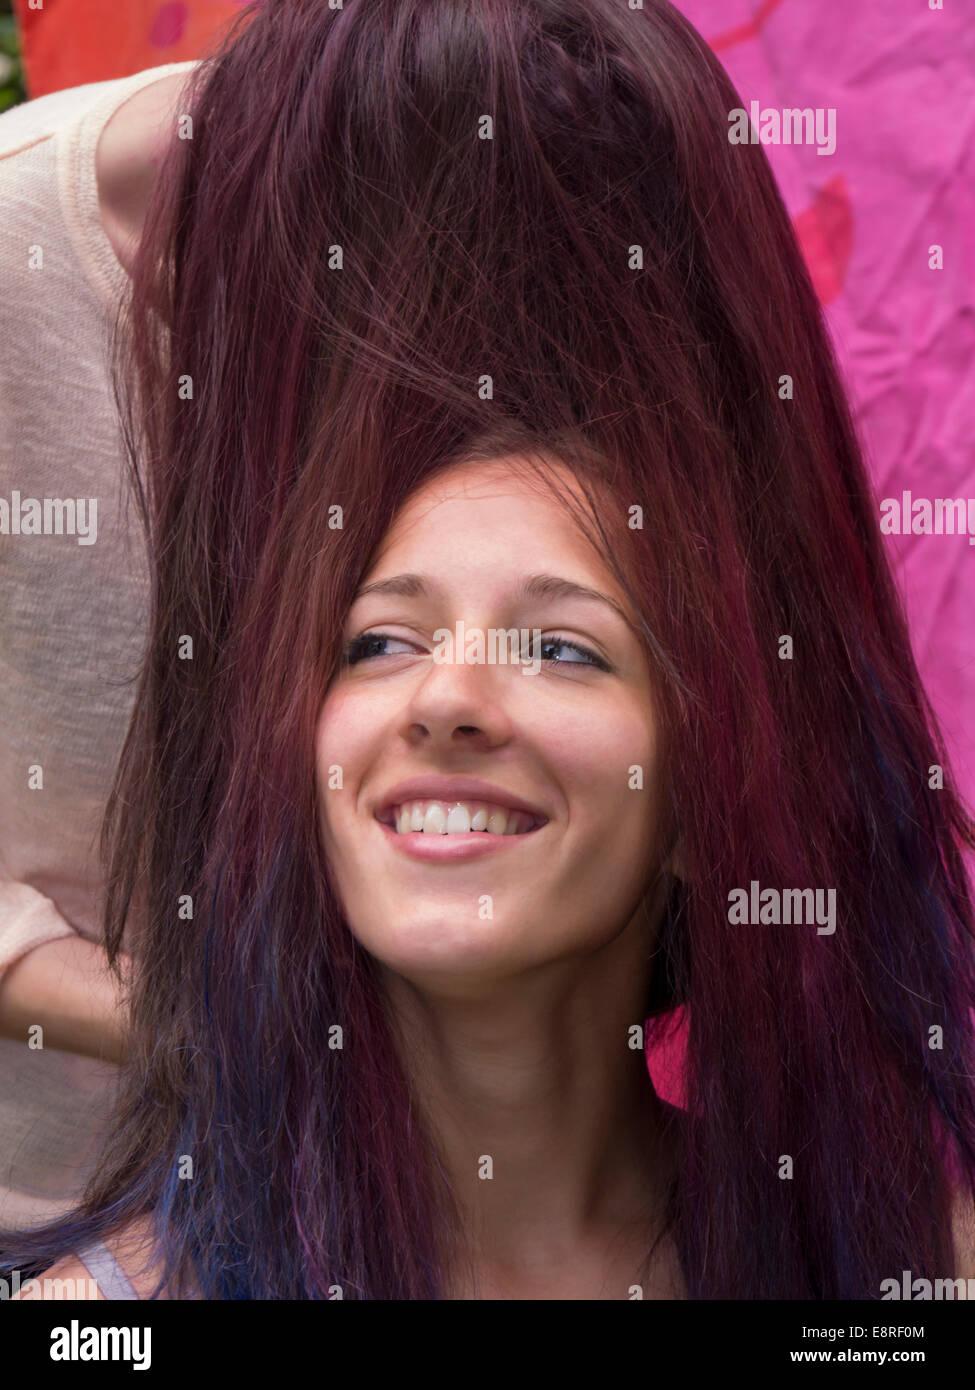 Girl teenagers hair fun - Stock Image